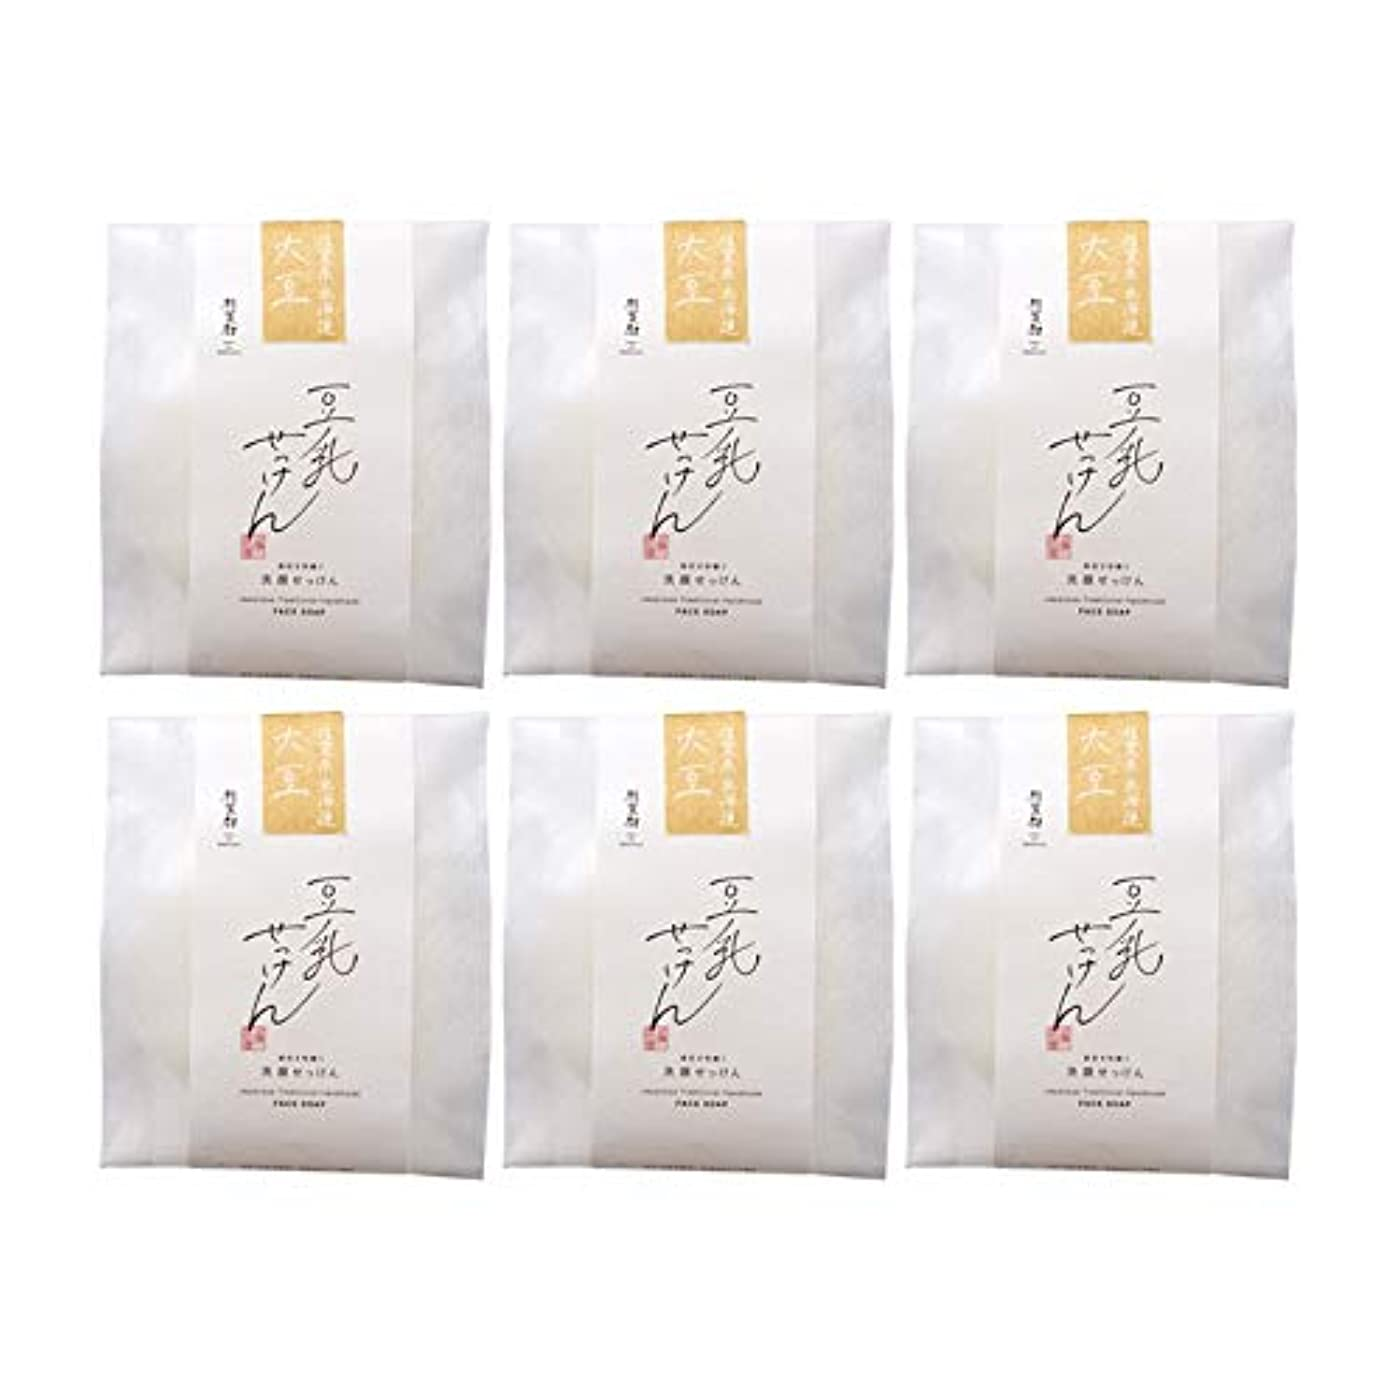 哀美人トン豆腐の盛田屋 豆乳せっけん 自然生活 100g×6個セット